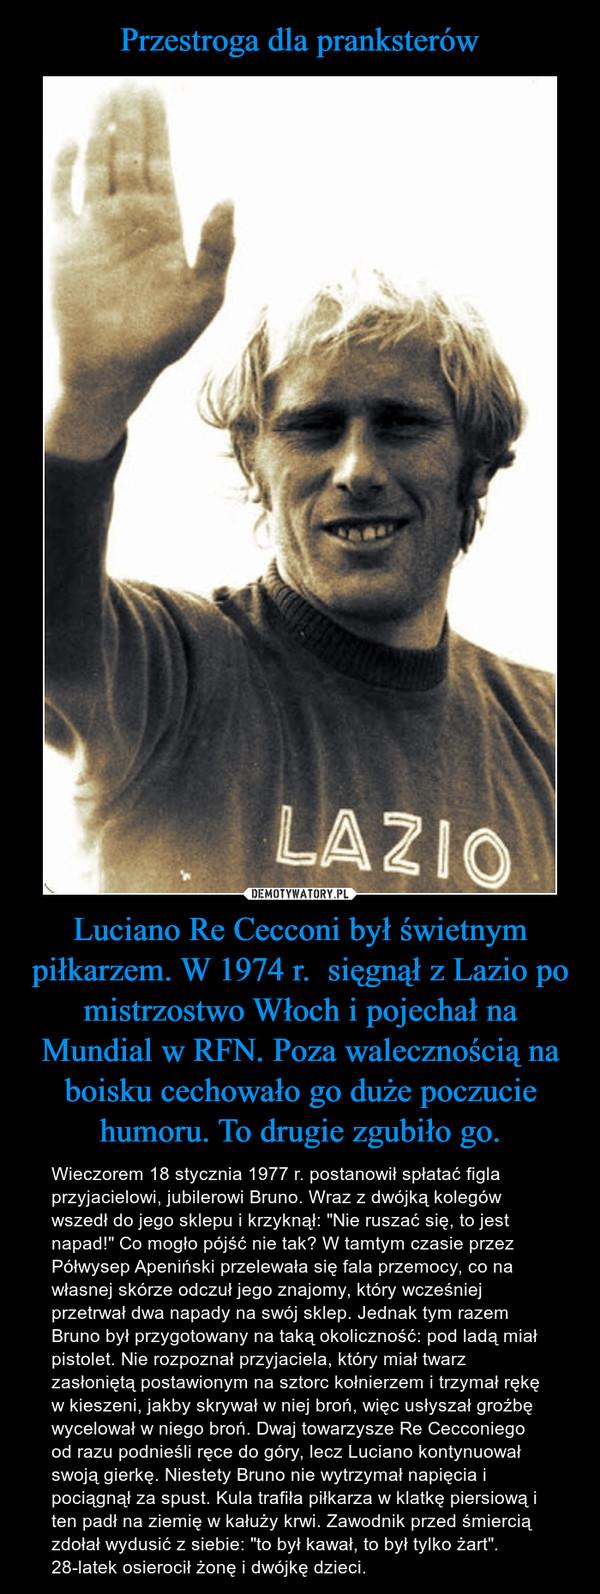 """Luciano Re Cecconi był świetnym piłkarzem. W 1974 r.  sięgnął z Lazio po mistrzostwo Włoch i pojechał na Mundial w RFN. Poza walecznością na boisku cechowało go duże poczucie humoru. To drugie zgubiło go. – Wieczorem 18 stycznia 1977 r. postanowił spłatać figla przyjacielowi, jubilerowi Bruno. Wraz z dwójką kolegów wszedł do jego sklepu i krzyknął: """"Nie ruszać się, to jest napad!"""" Co mogło pójść nie tak? W tamtym czasie przez Półwysep Apeniński przelewała się fala przemocy, co na własnej skórze odczuł jego znajomy, który wcześniej przetrwał dwa napady na swój sklep. Jednak tym razem Bruno był przygotowany na taką okoliczność: pod ladą miał pistolet. Nie rozpoznał przyjaciela, który miał twarz zasłoniętą postawionym na sztorc kołnierzem i trzymał rękę w kieszeni, jakby skrywał w niej broń, więc usłyszał groźbę wycelował w niego broń. Dwaj towarzysze Re Cecconiego od razu podnieśli ręce do góry, lecz Luciano kontynuował swoją gierkę. Niestety Bruno nie wytrzymał napięcia i pociągnął za spust. Kula trafiła piłkarza w klatkę piersiową i ten padł na ziemię w kałuży krwi. Zawodnik przed śmiercią zdołał wydusić z siebie: """"to był kawał, to był tylko żart"""". 28-latek osierocił żonę i dwójkę dzieci."""